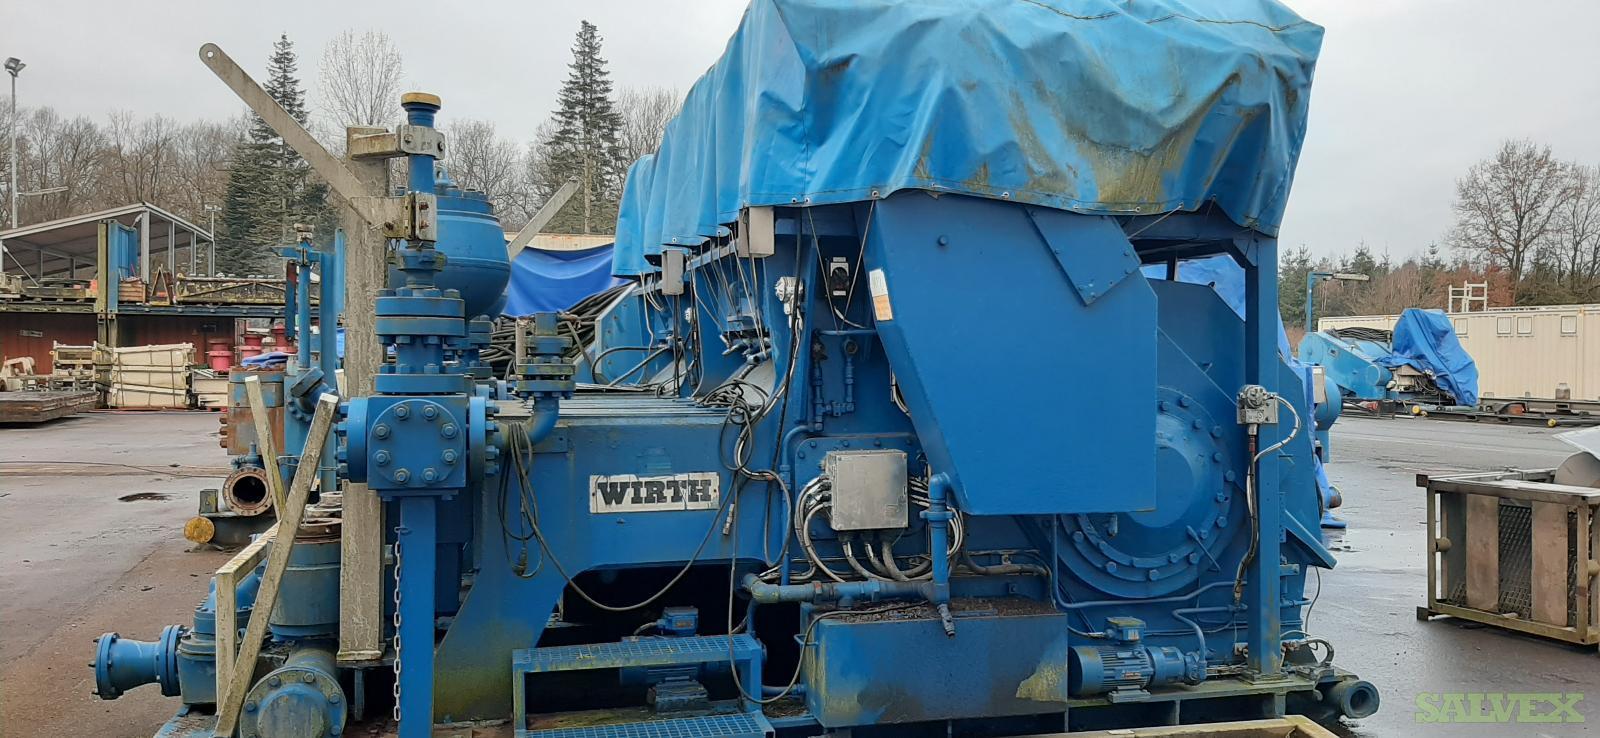 Wirth TPK1600 7 1/2 x 12 Mud Pumps 1984 (2 Units)